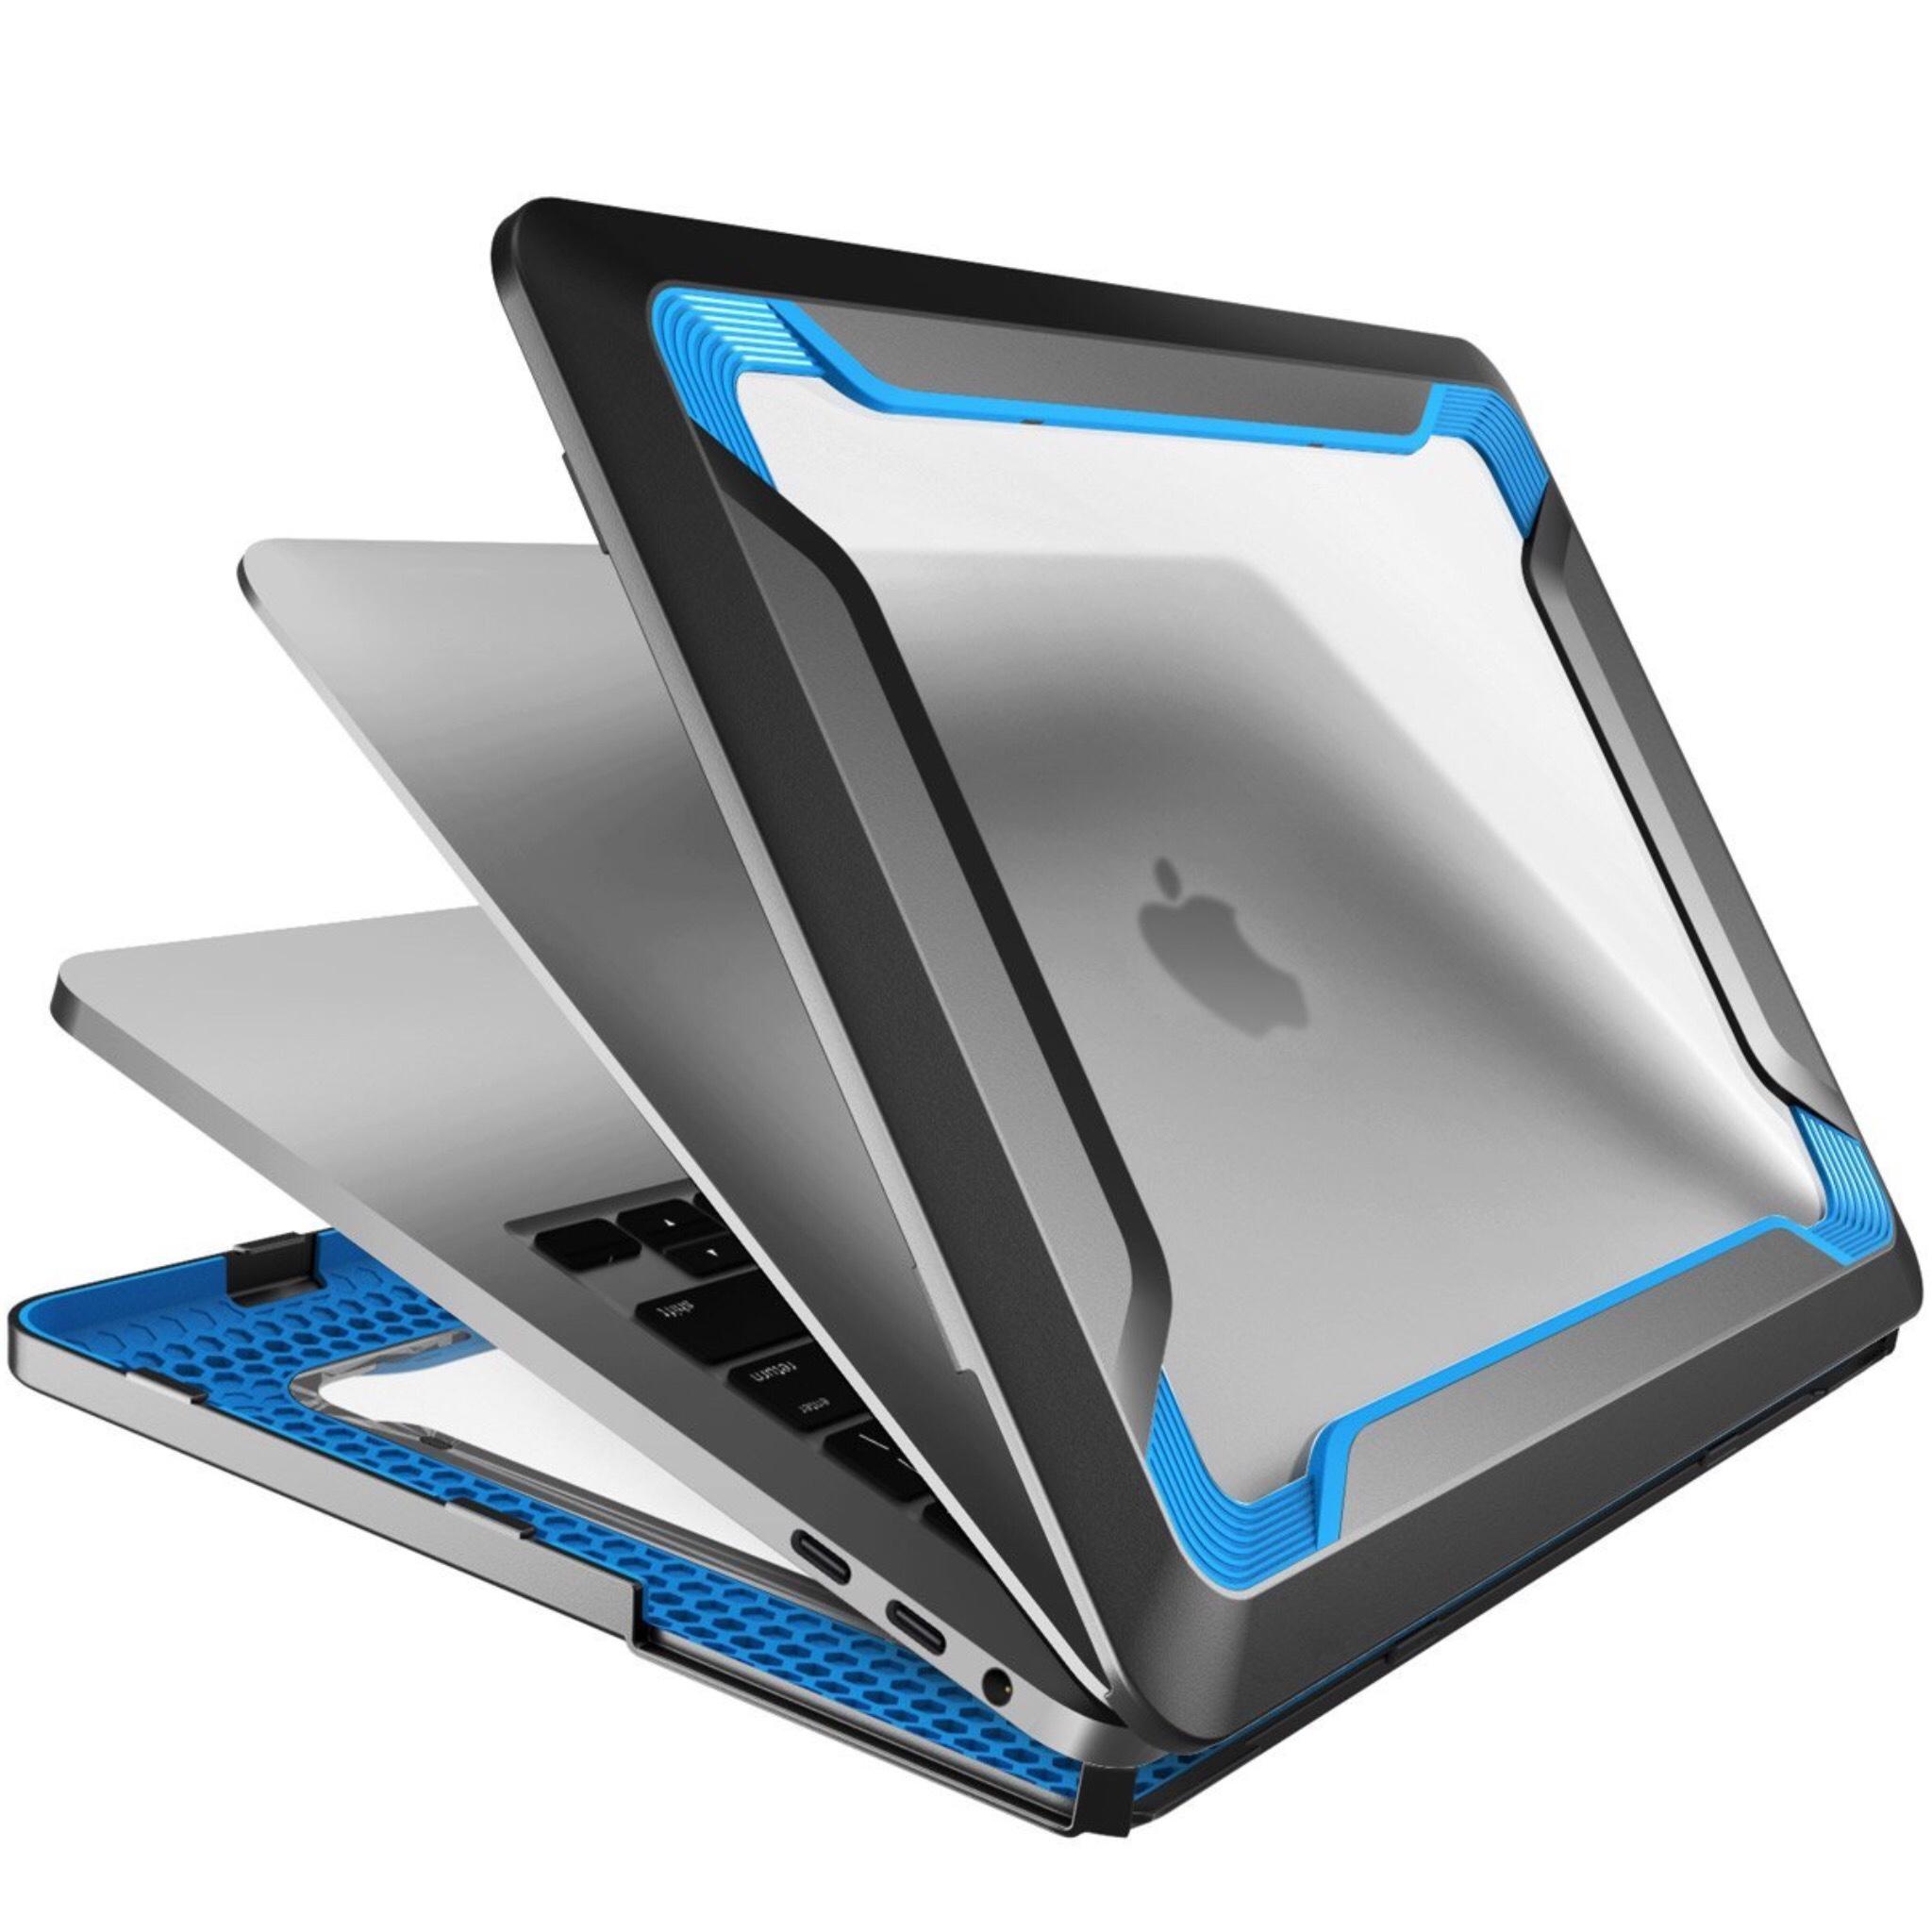 Coque renforcee Protection MacBook PRO Retina15 pouces avec Touch Bar 2016 Blaze Bleu